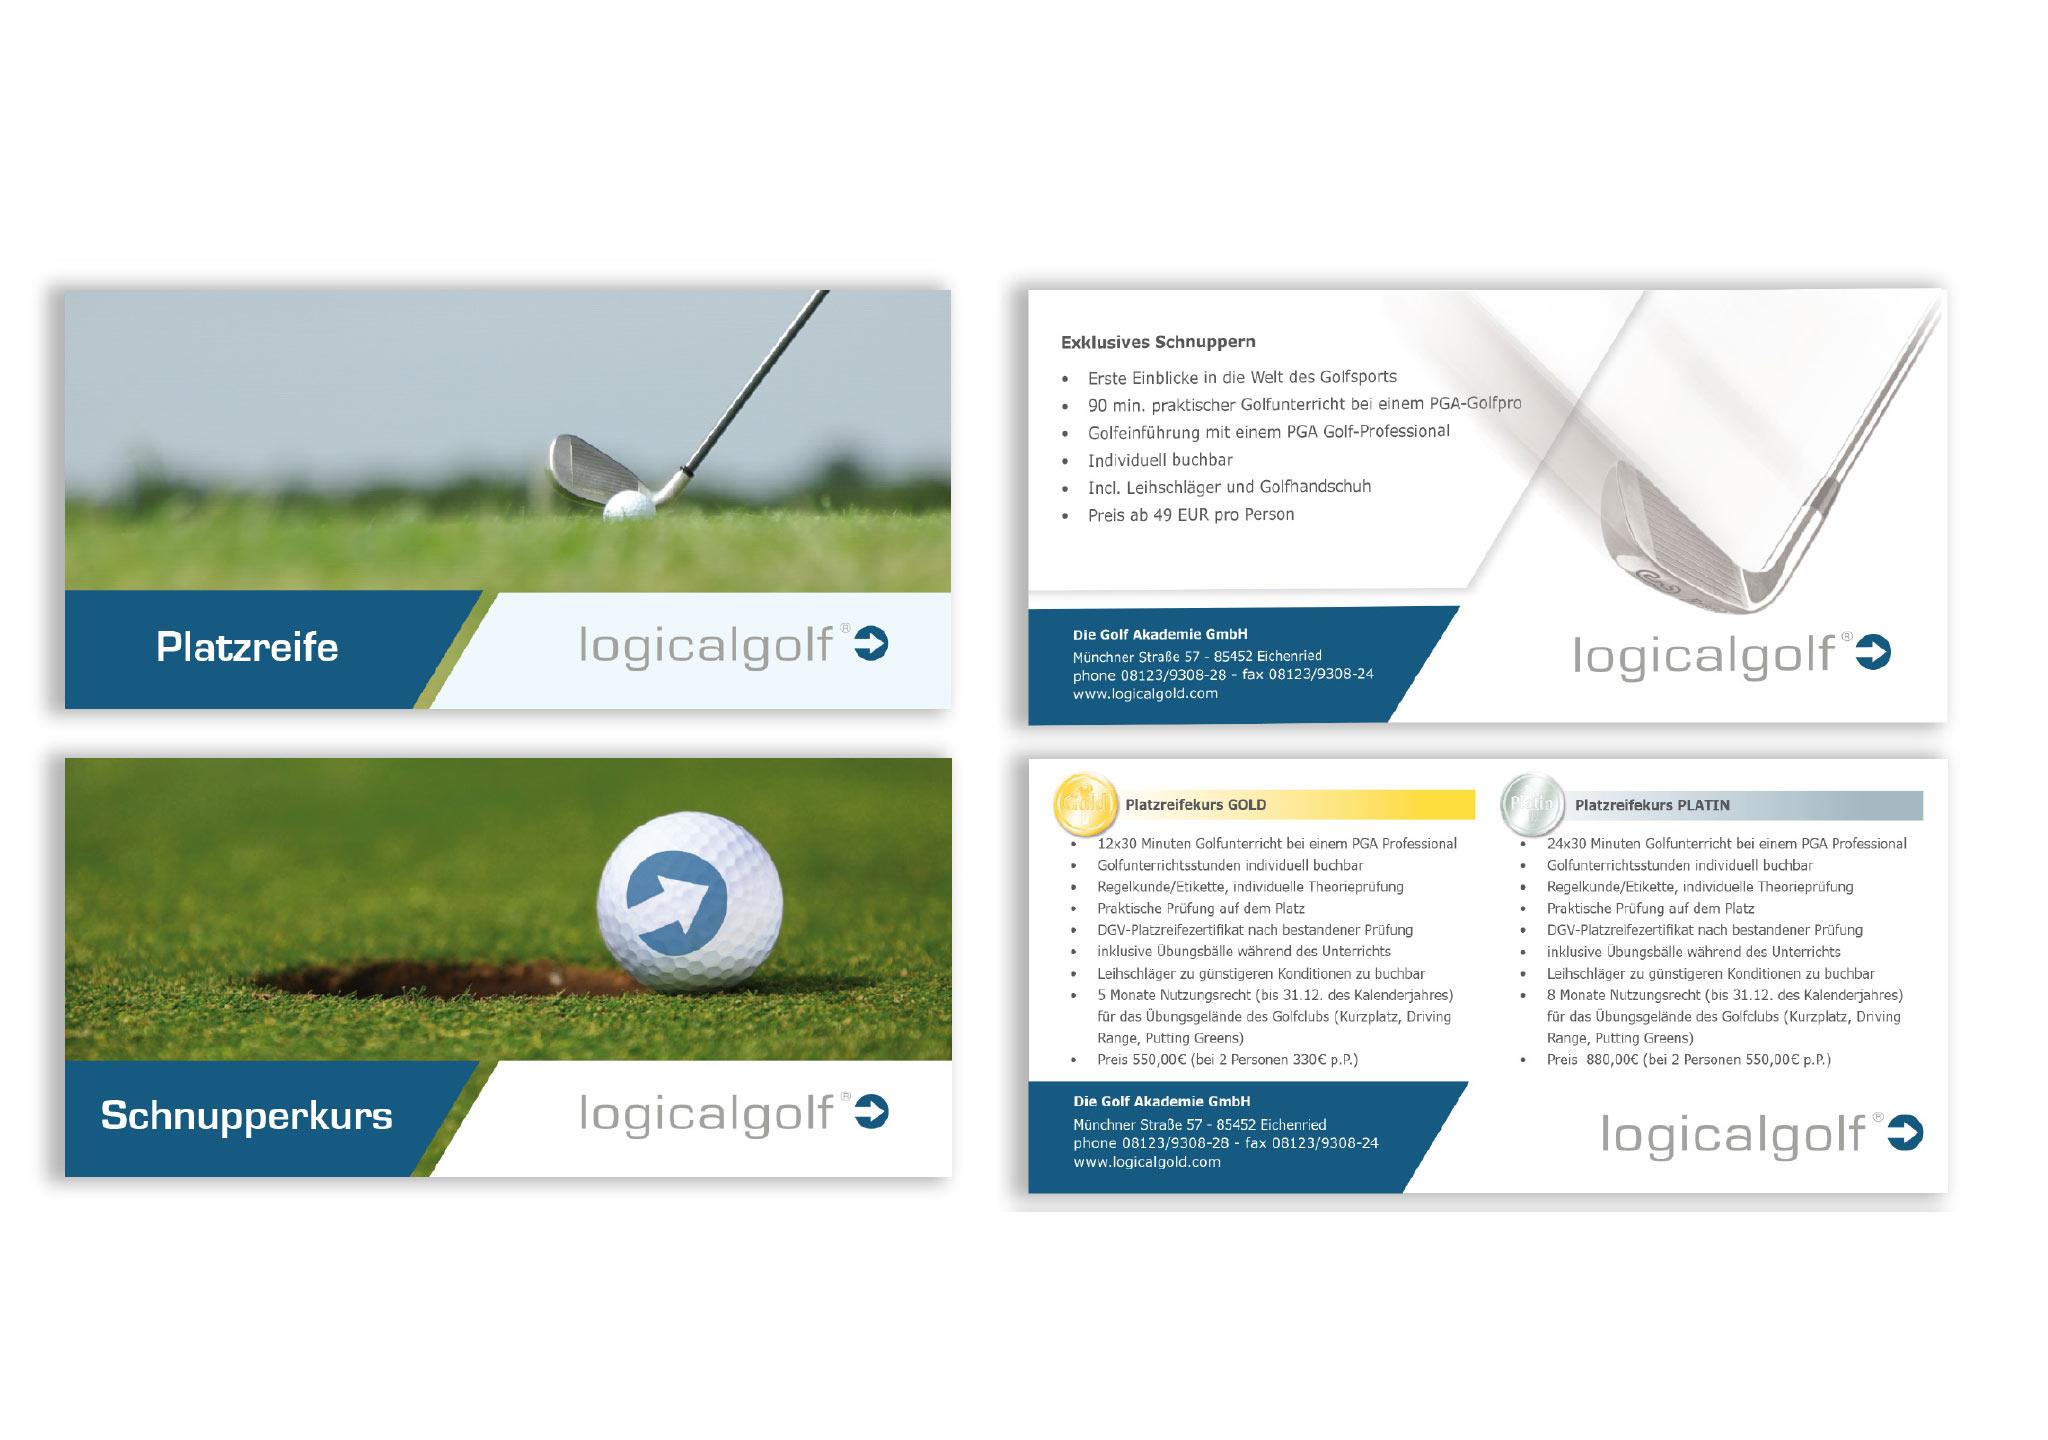 Flyer für Golf perfekt gestalten - besten Printmedien